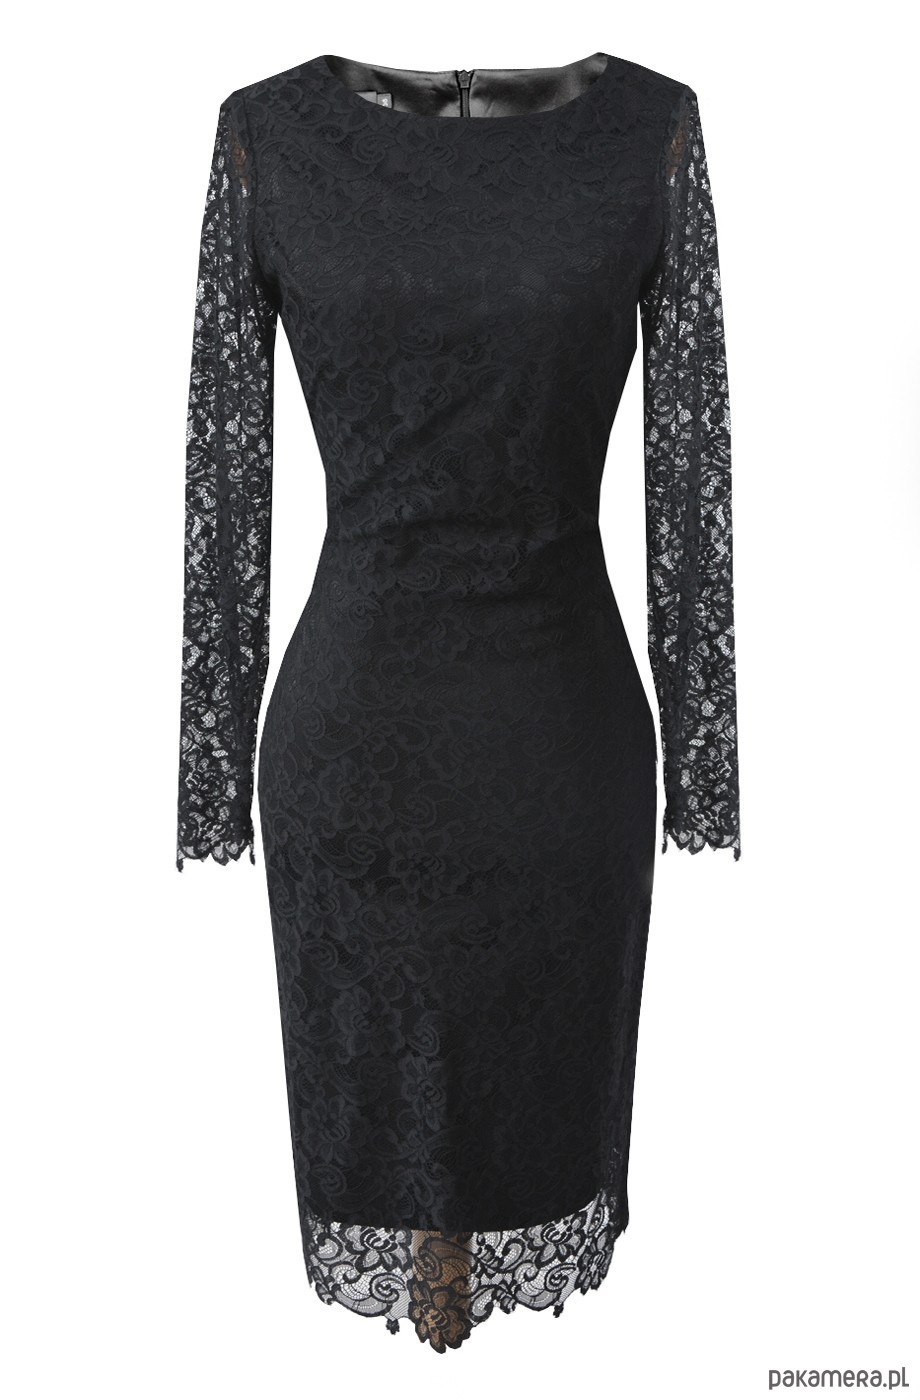 e0f7f70163 Koronkowe sukienki doskonale sprawdzają się przy wszelkich wieczorowych  wyjściach